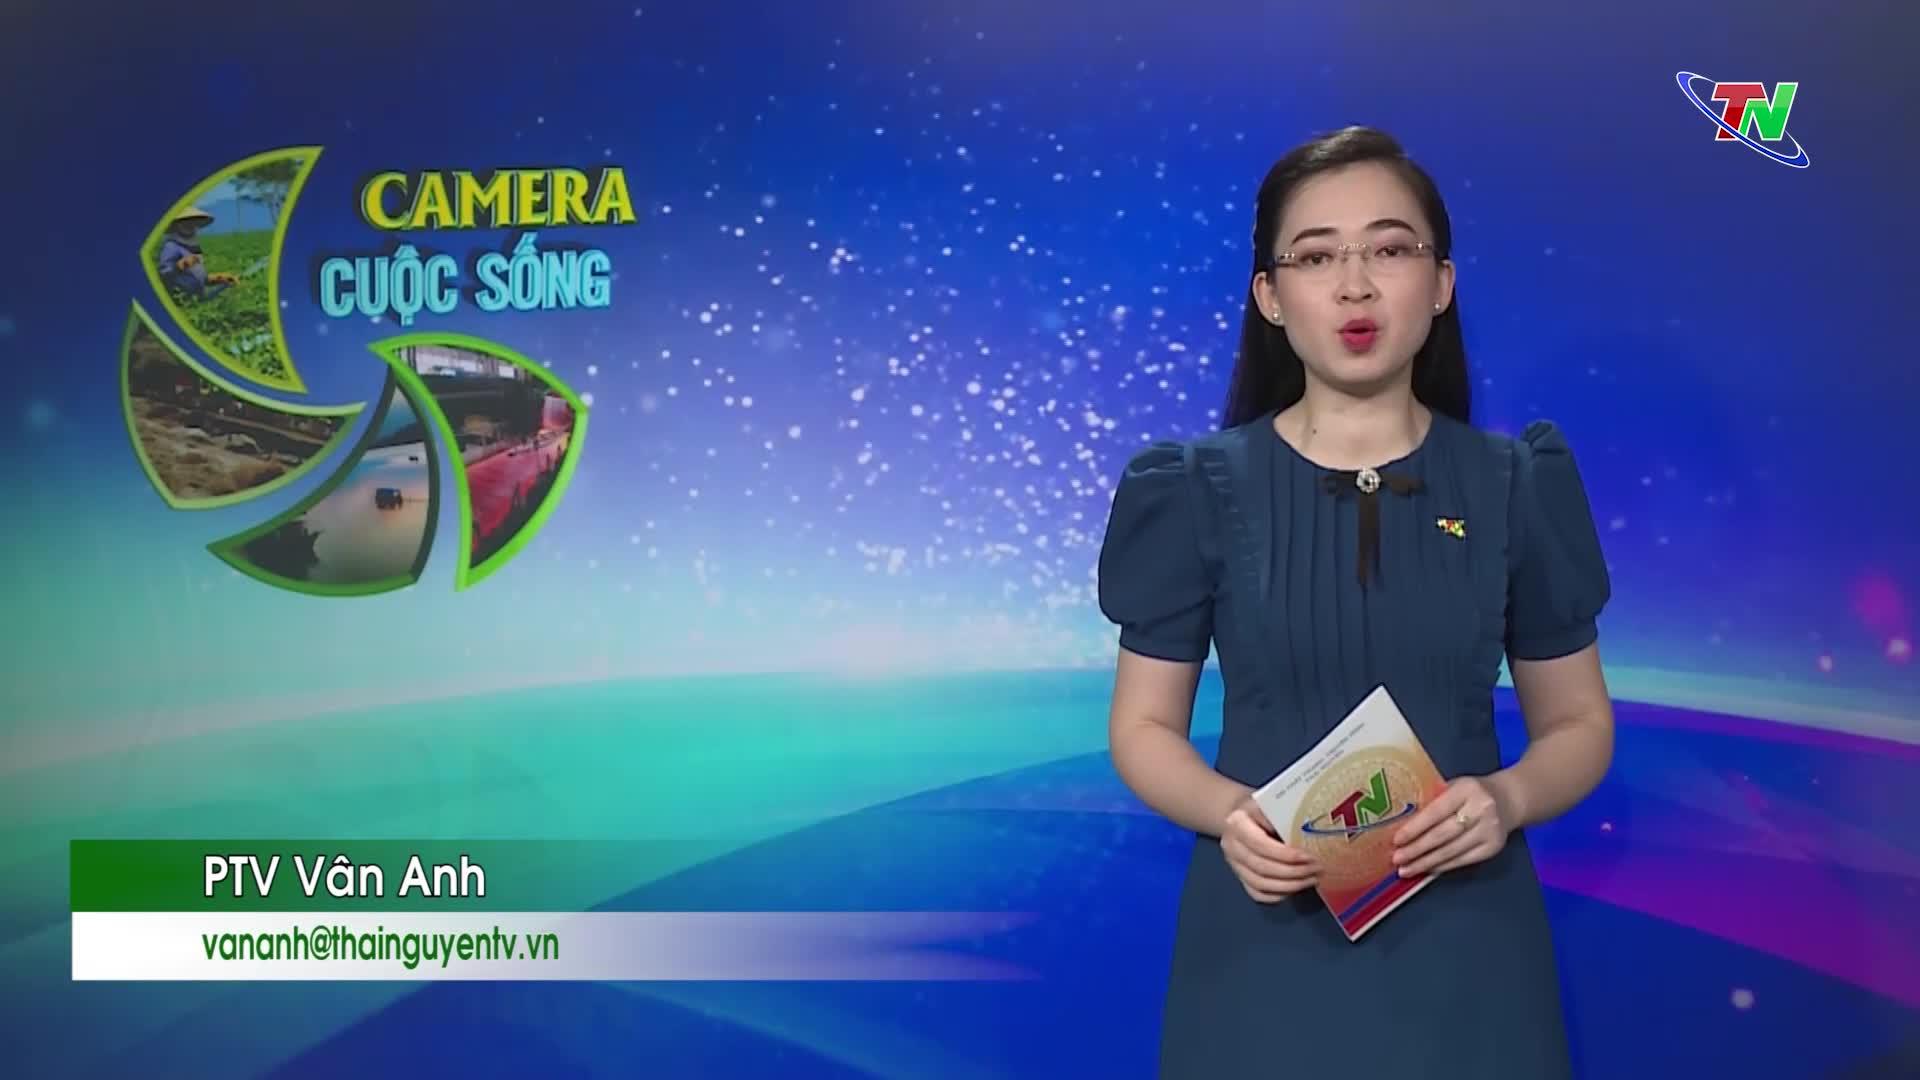 Camera cuộc sống ngày 13/5/2020